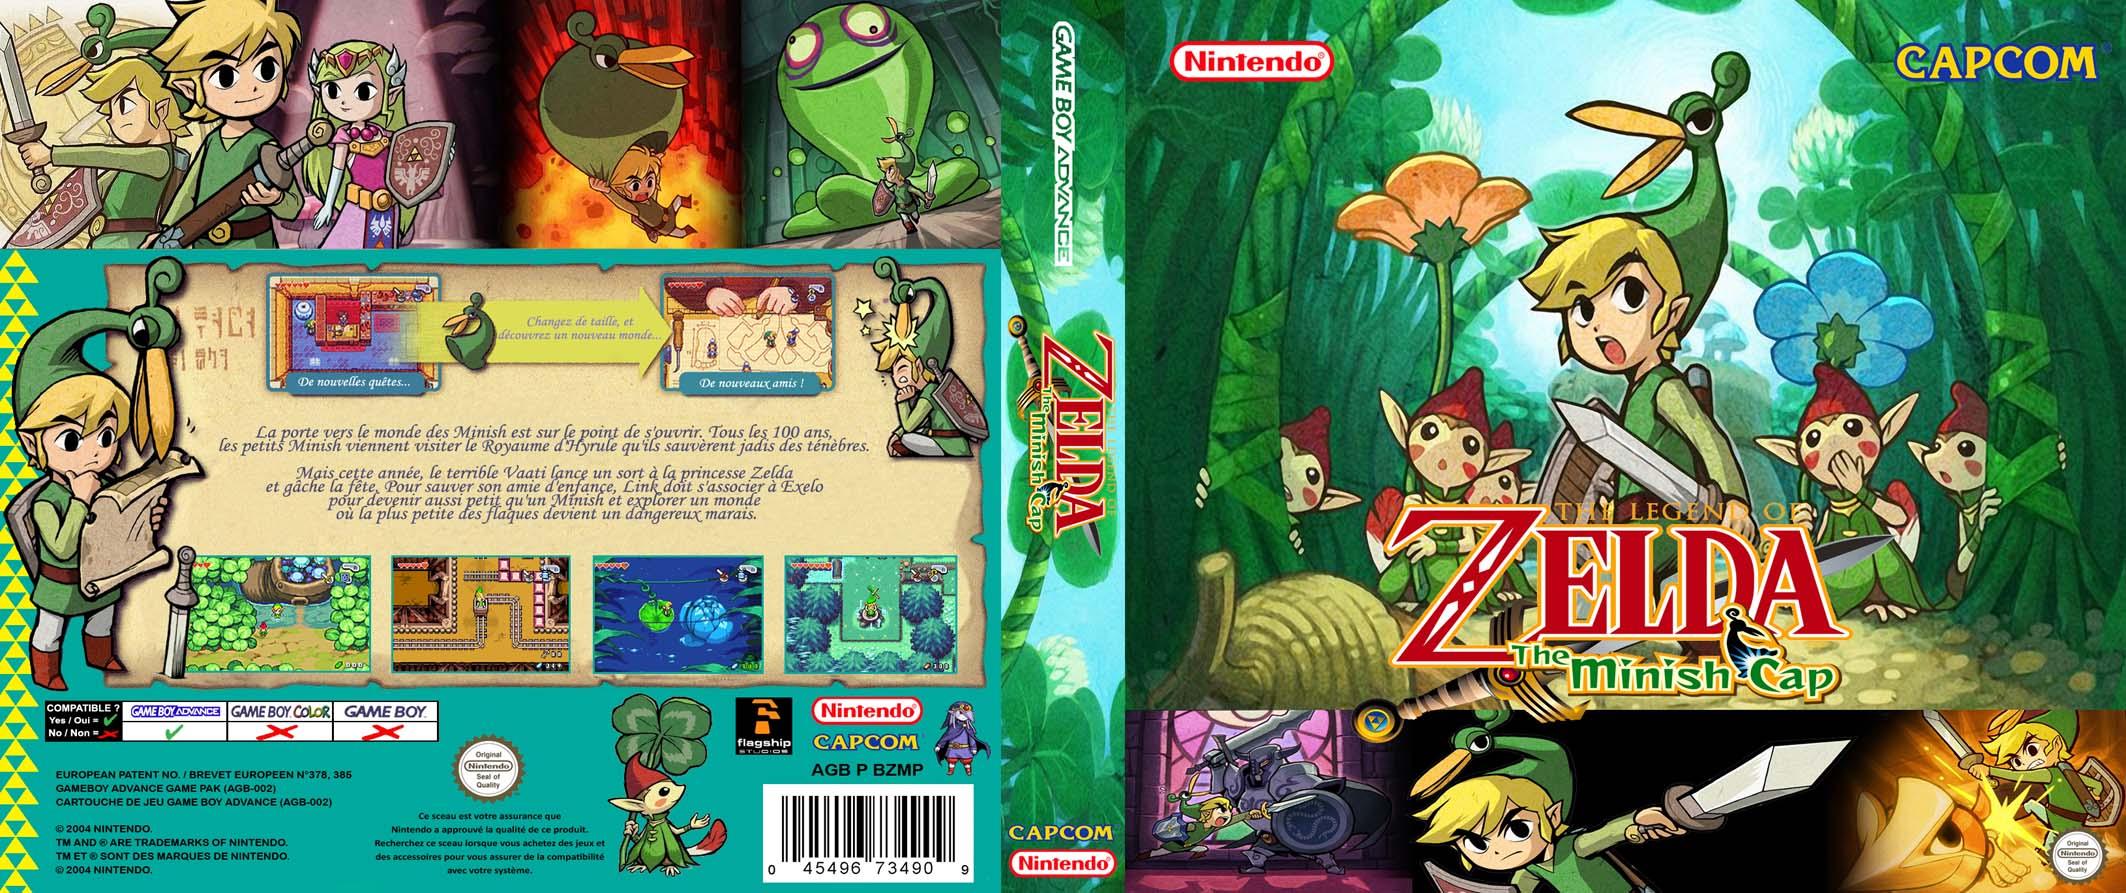 Zelda GBA recalibre.jpg